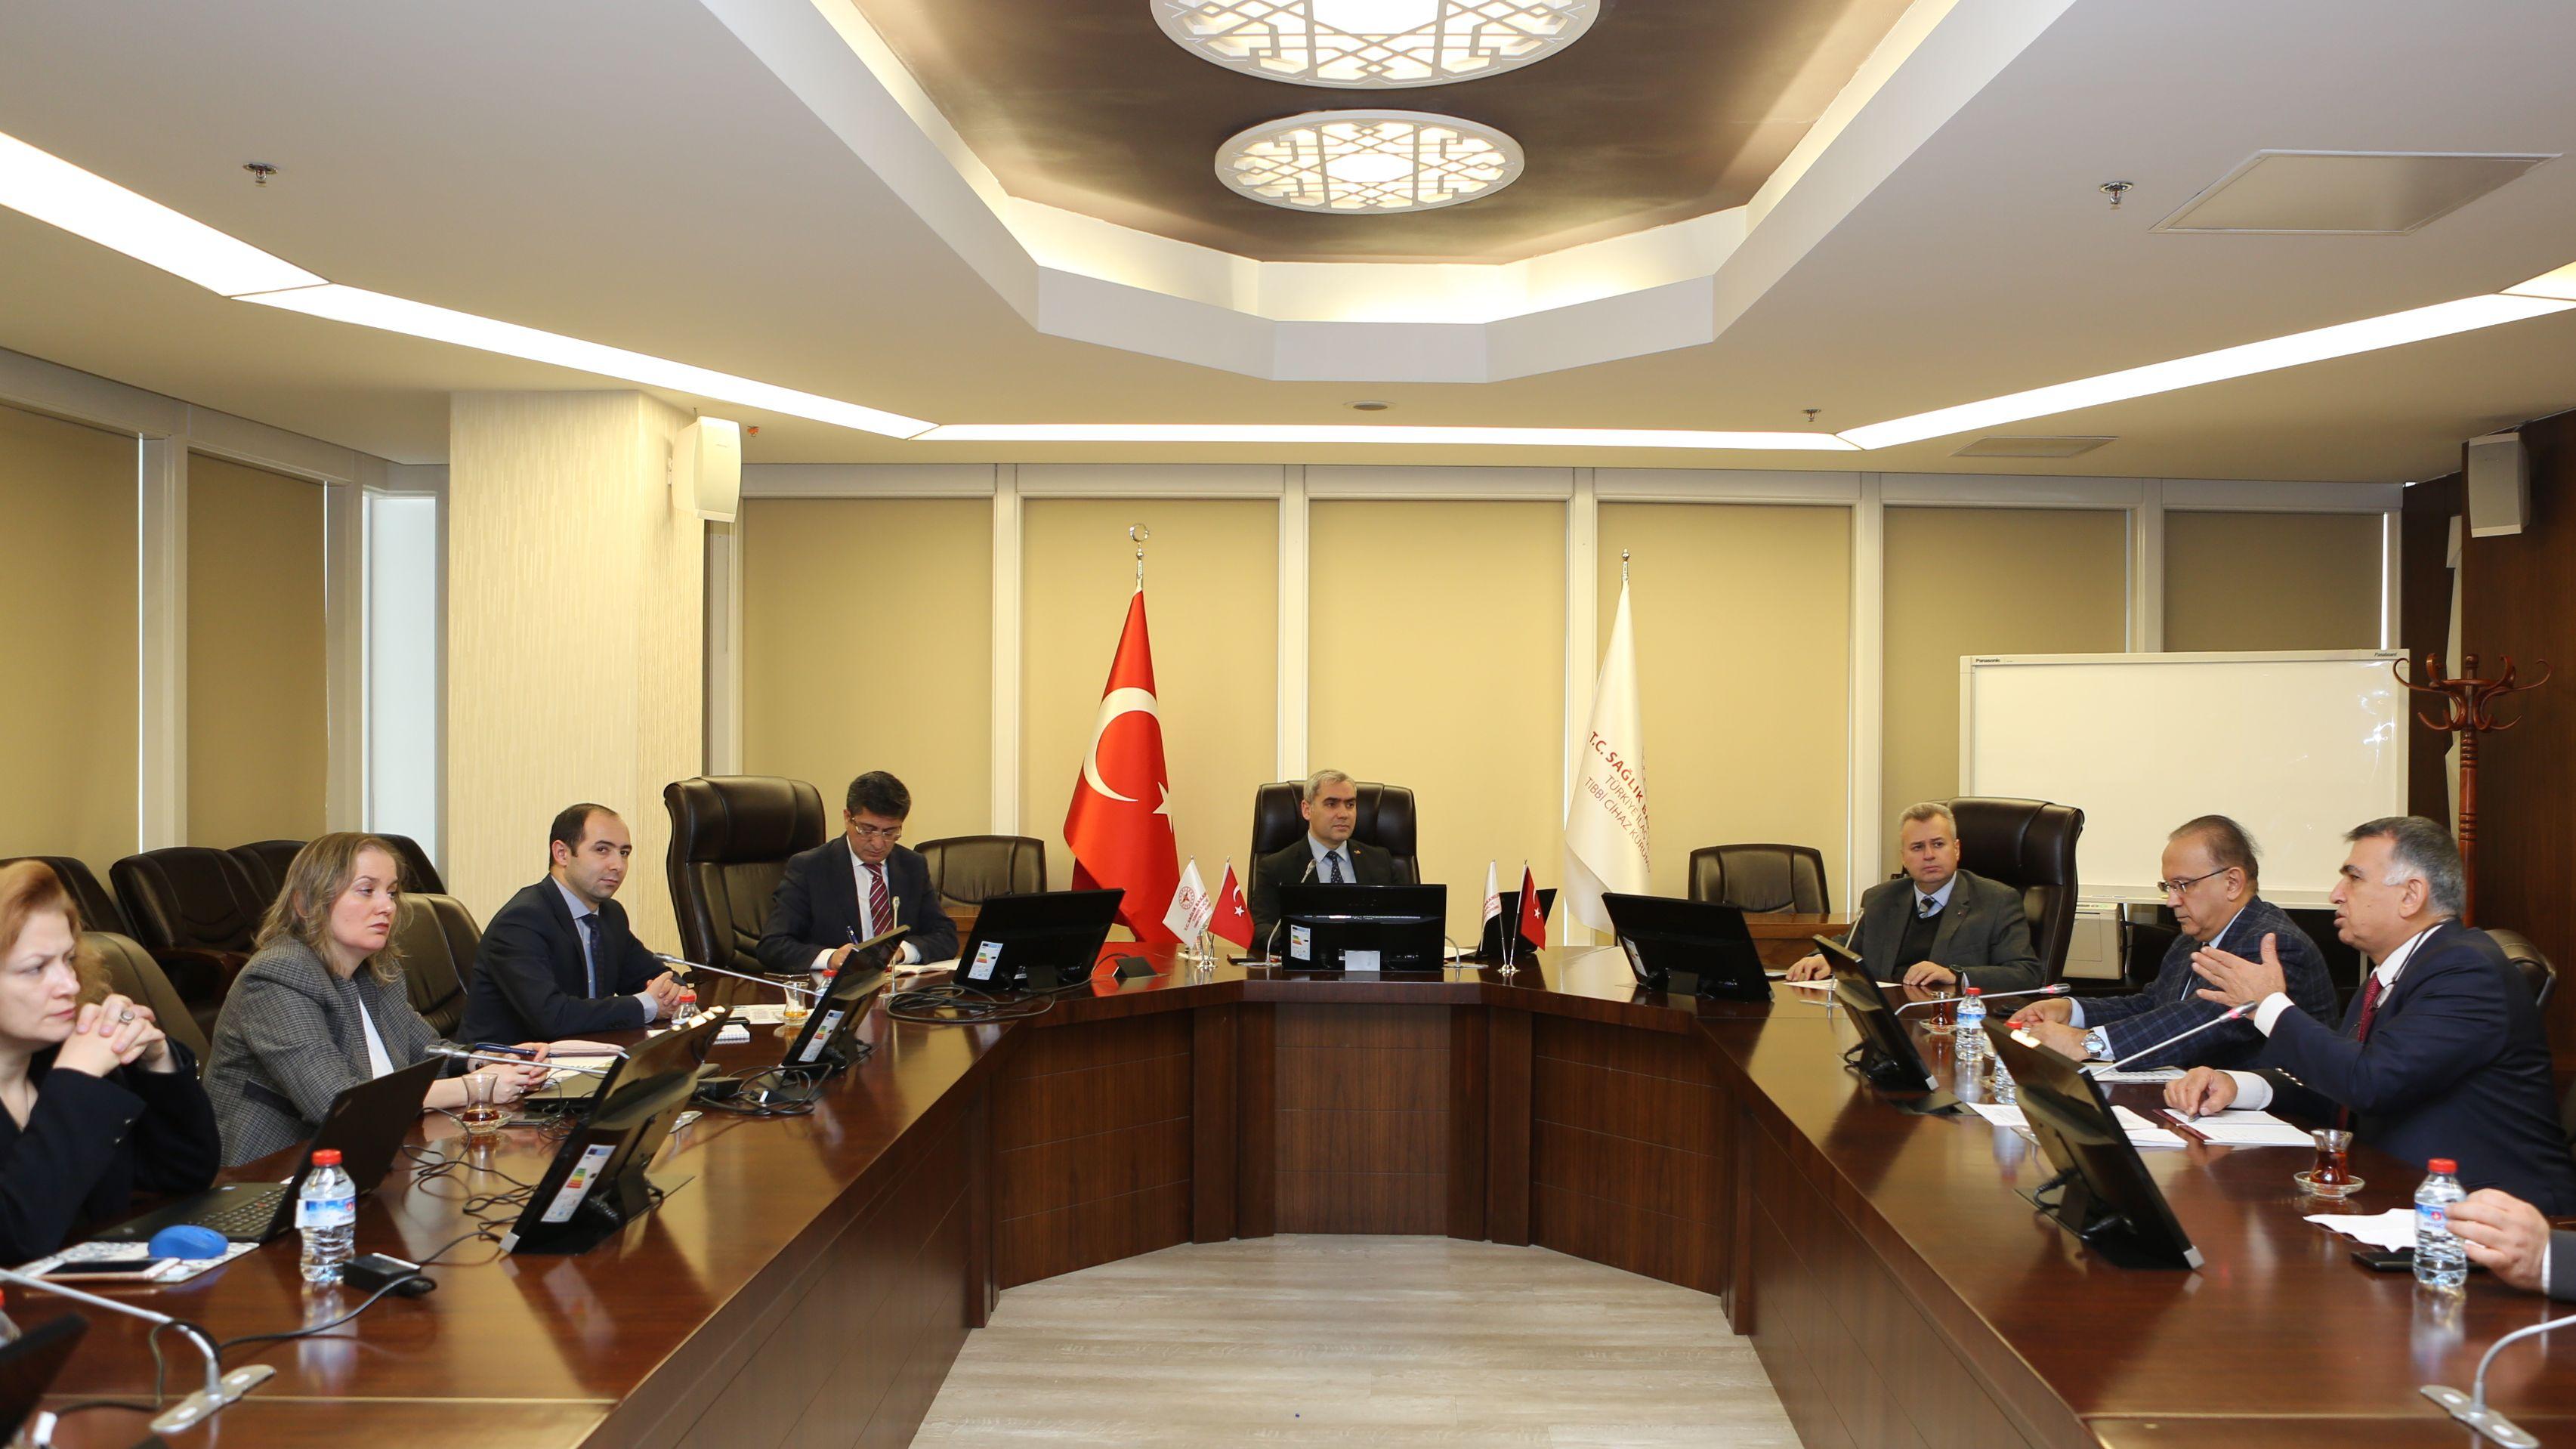 TİTCK-ECZA DEPOLARI DERNEĞİ SEKTÖR İSTİŞARE TOPLANTISI